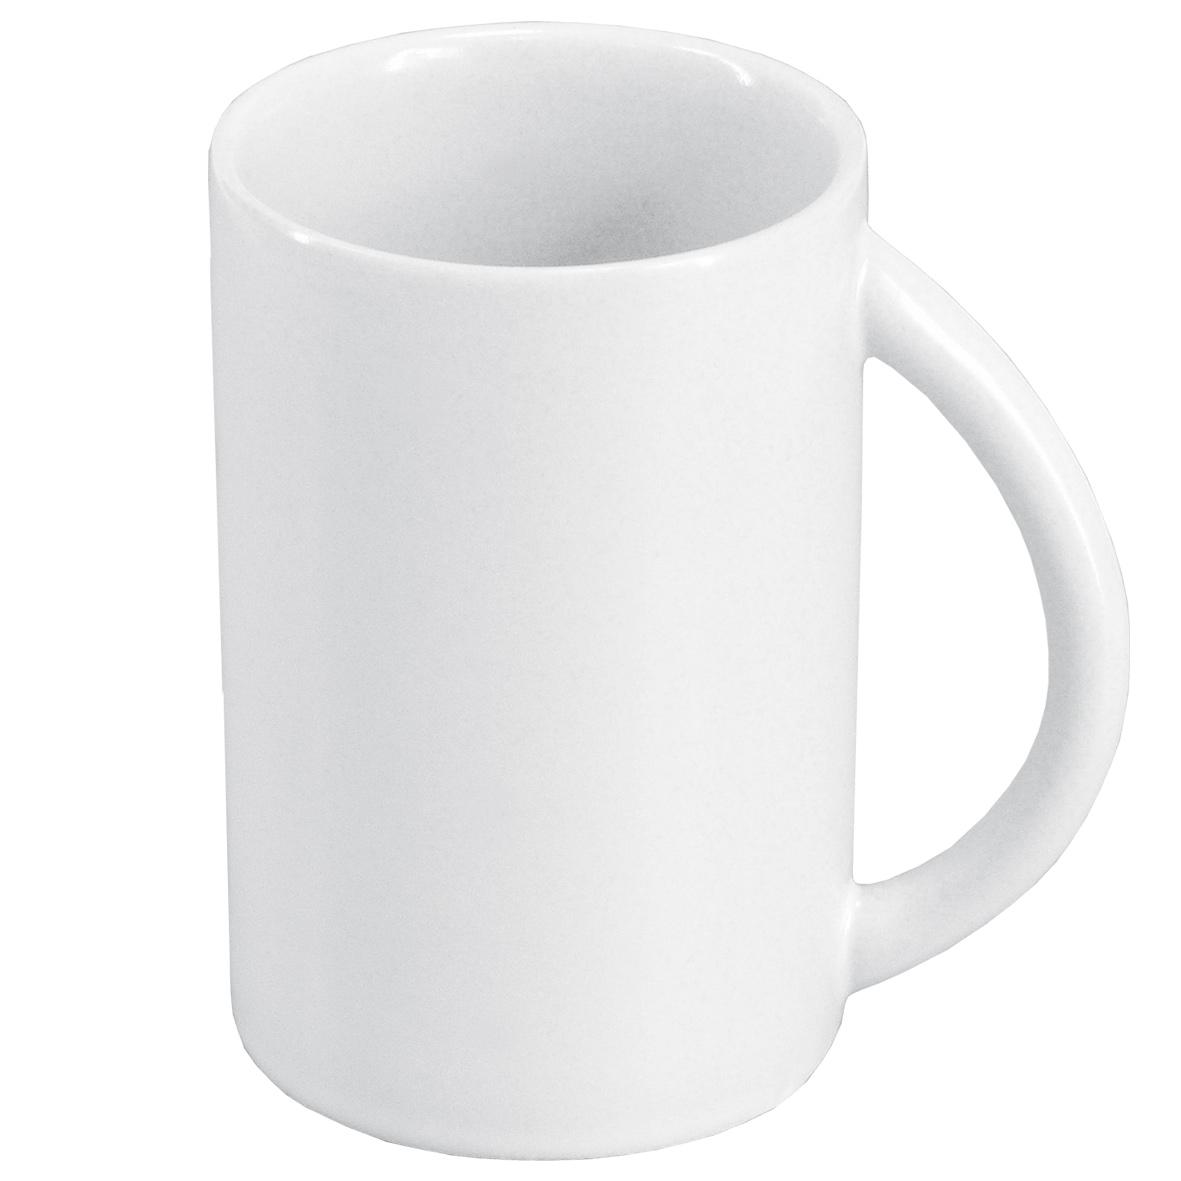 Чашка керамическая МД 350 мл KB847 белая   MД